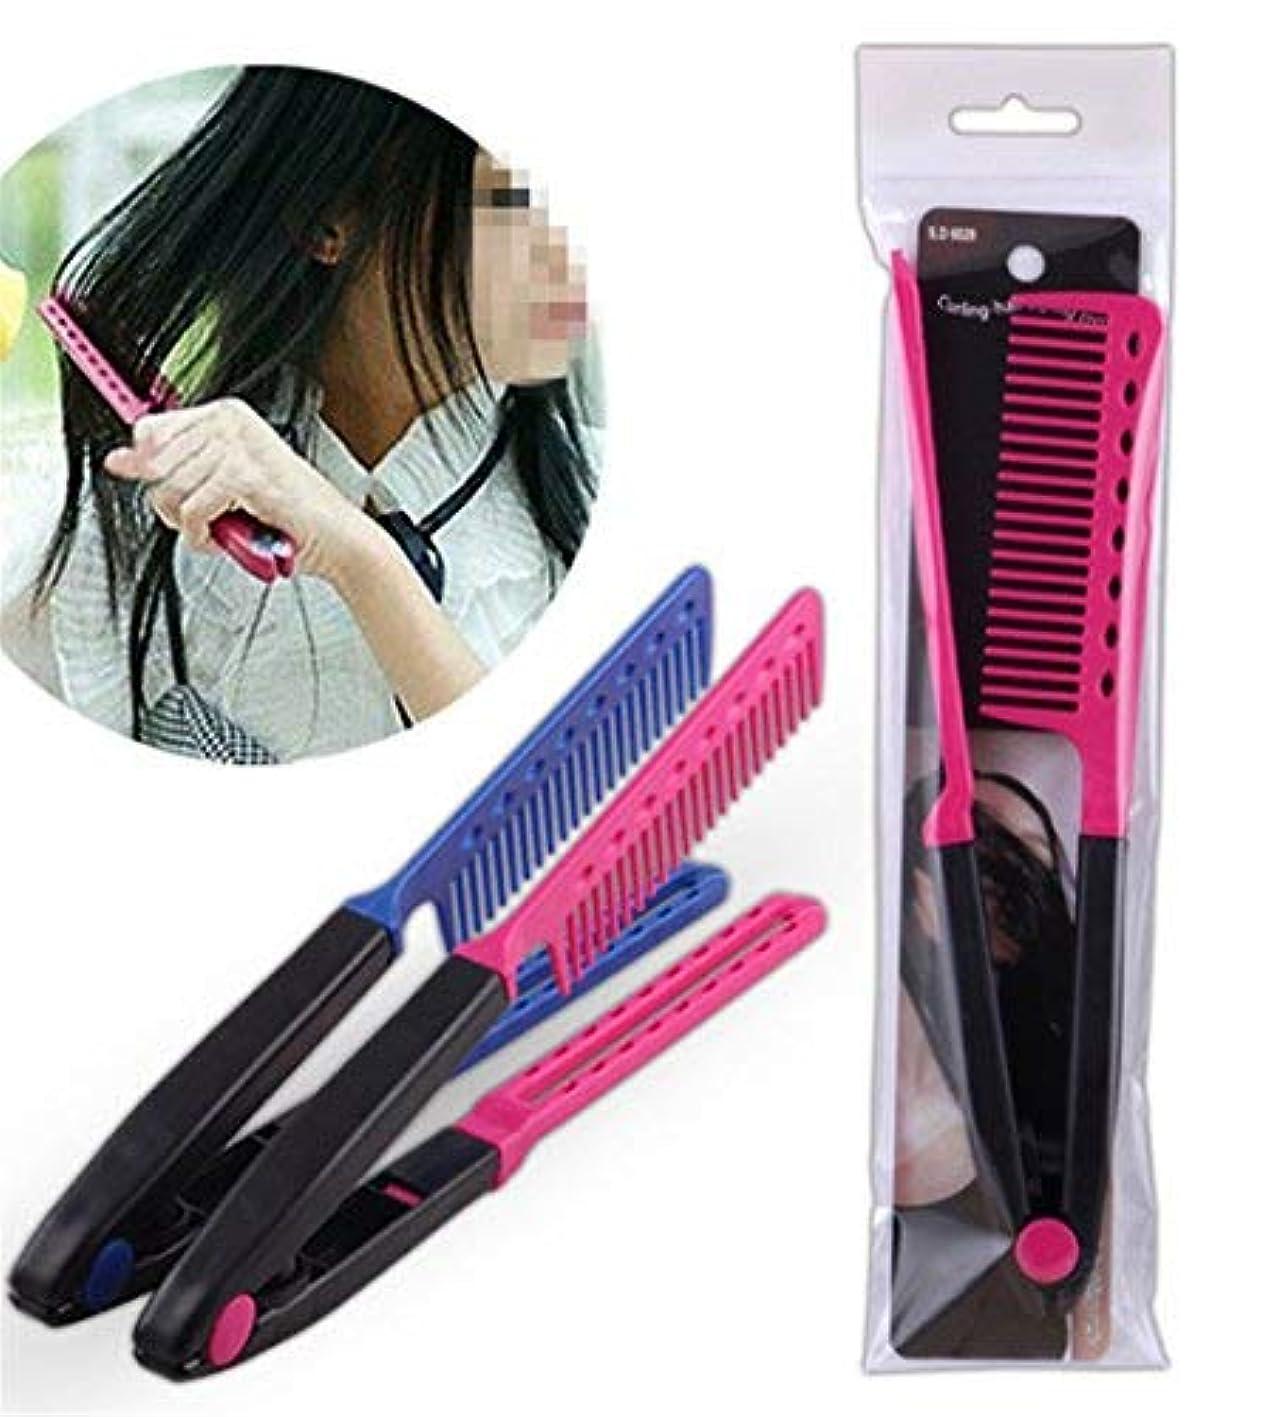 アーティキュレーション挑発するグレートオーク1Pc DIY Salon Hair Brush Combs Hairdressing Styling Hair Straightener V Shaped Straight Comb Color Random [並行輸入品]